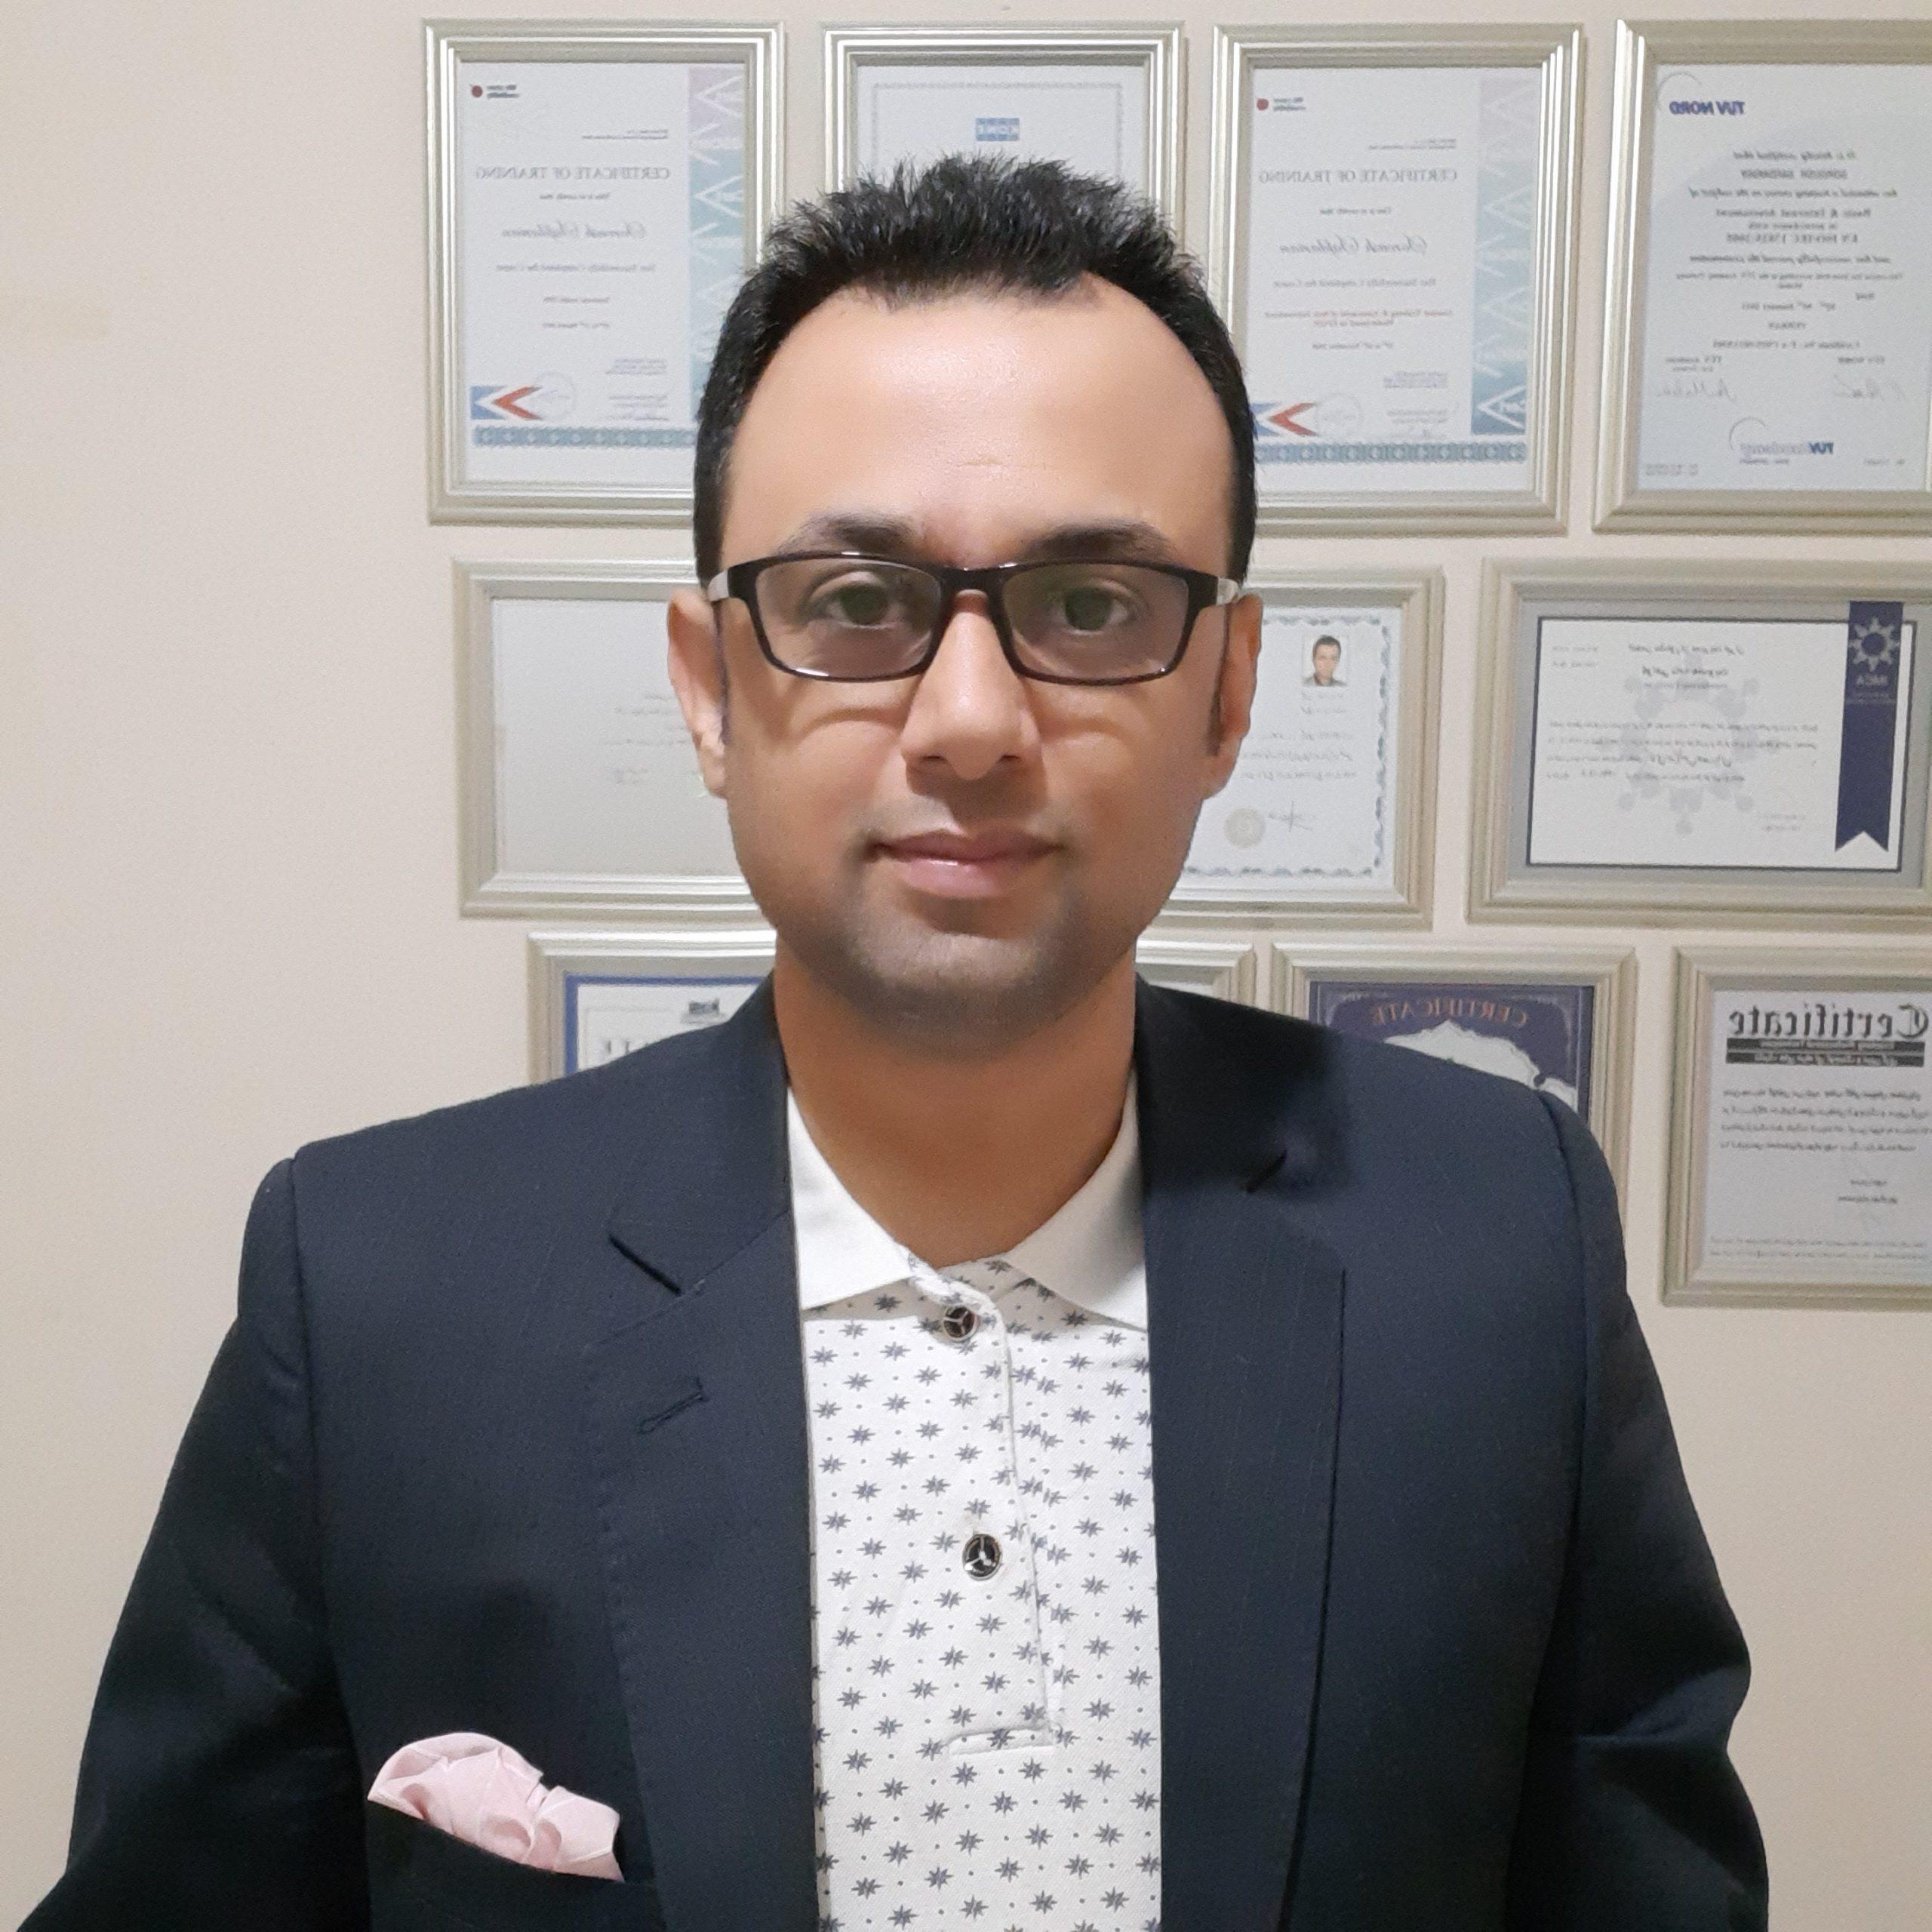 دکتر سروش صفدریان